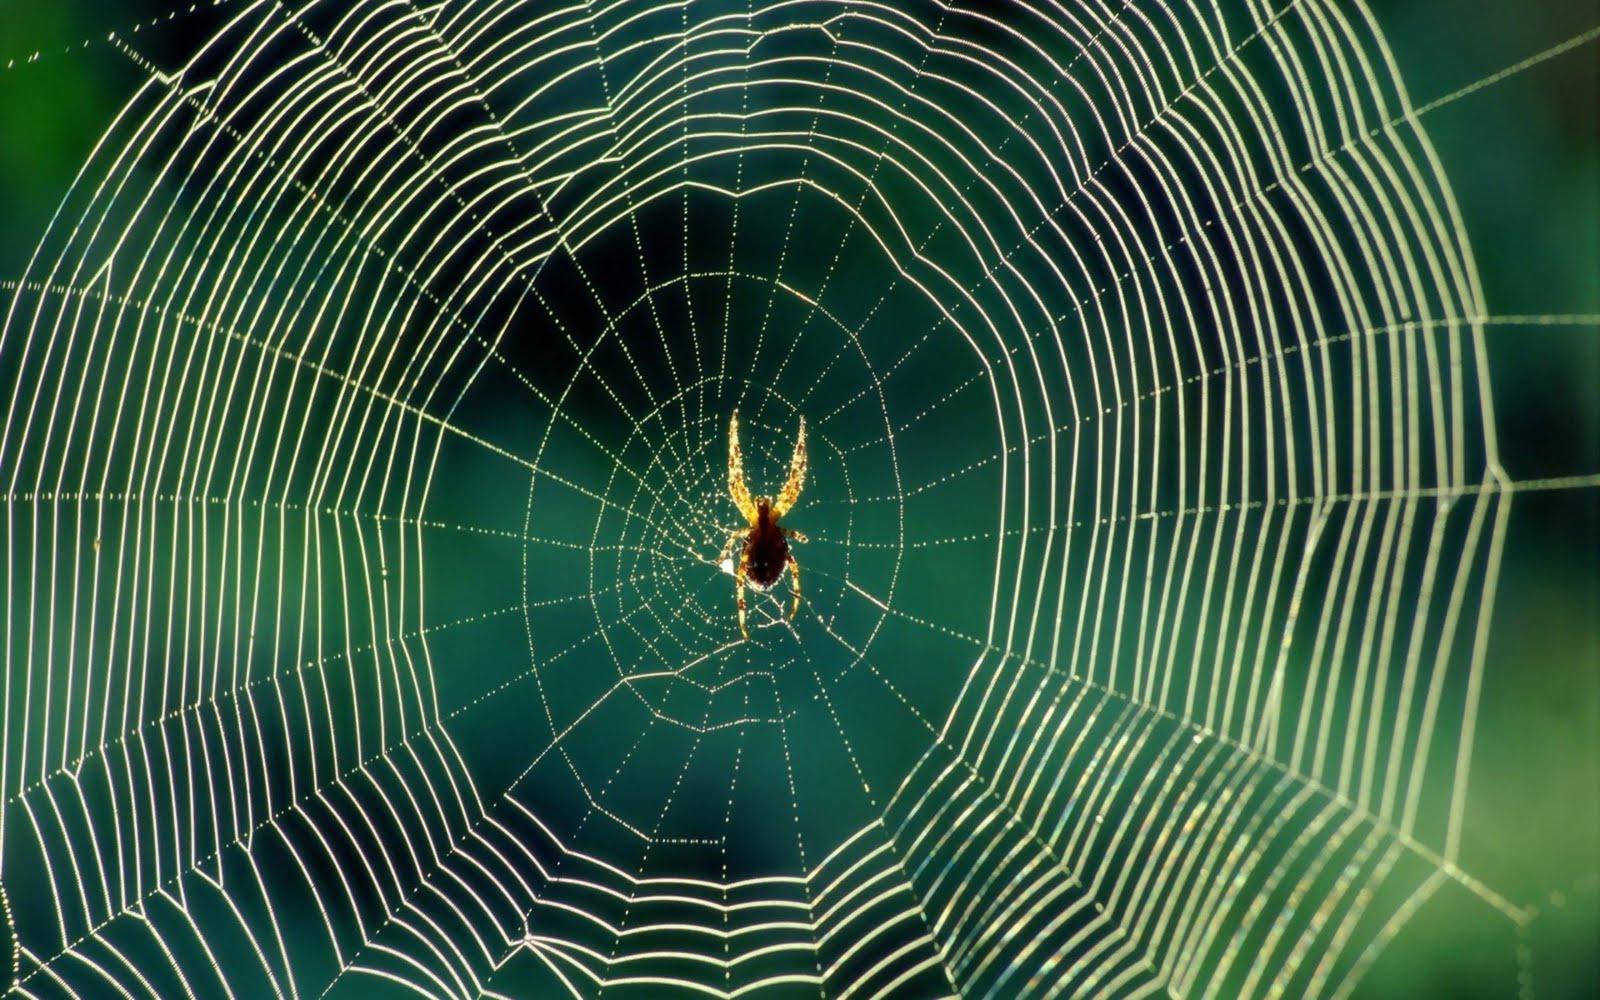 Spinnen achtergronden hd wallpapers - Afbeelding in ...